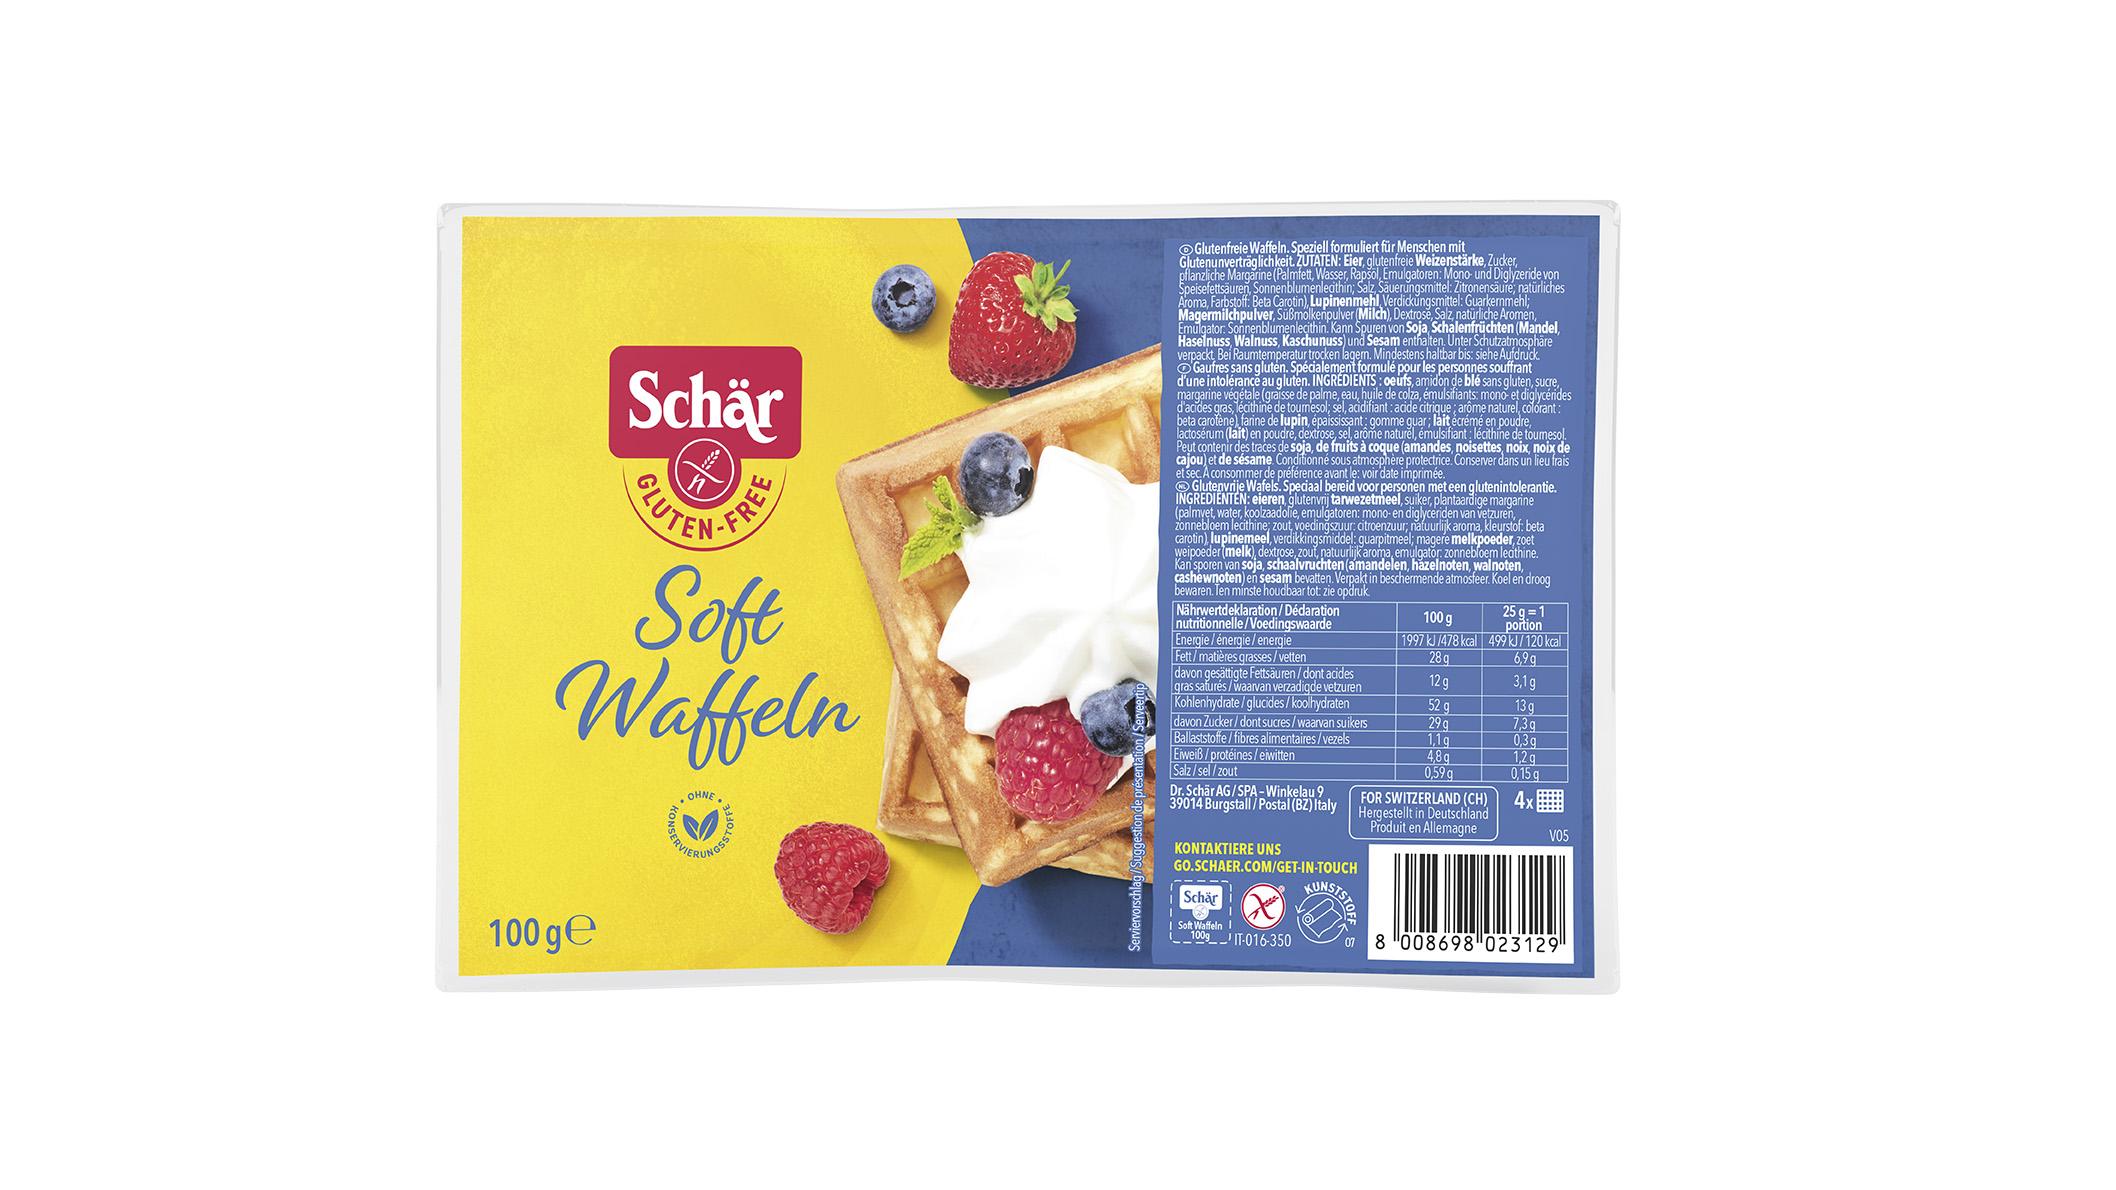 Brezglutenski sladki vaflji - Soft waffeln 100g